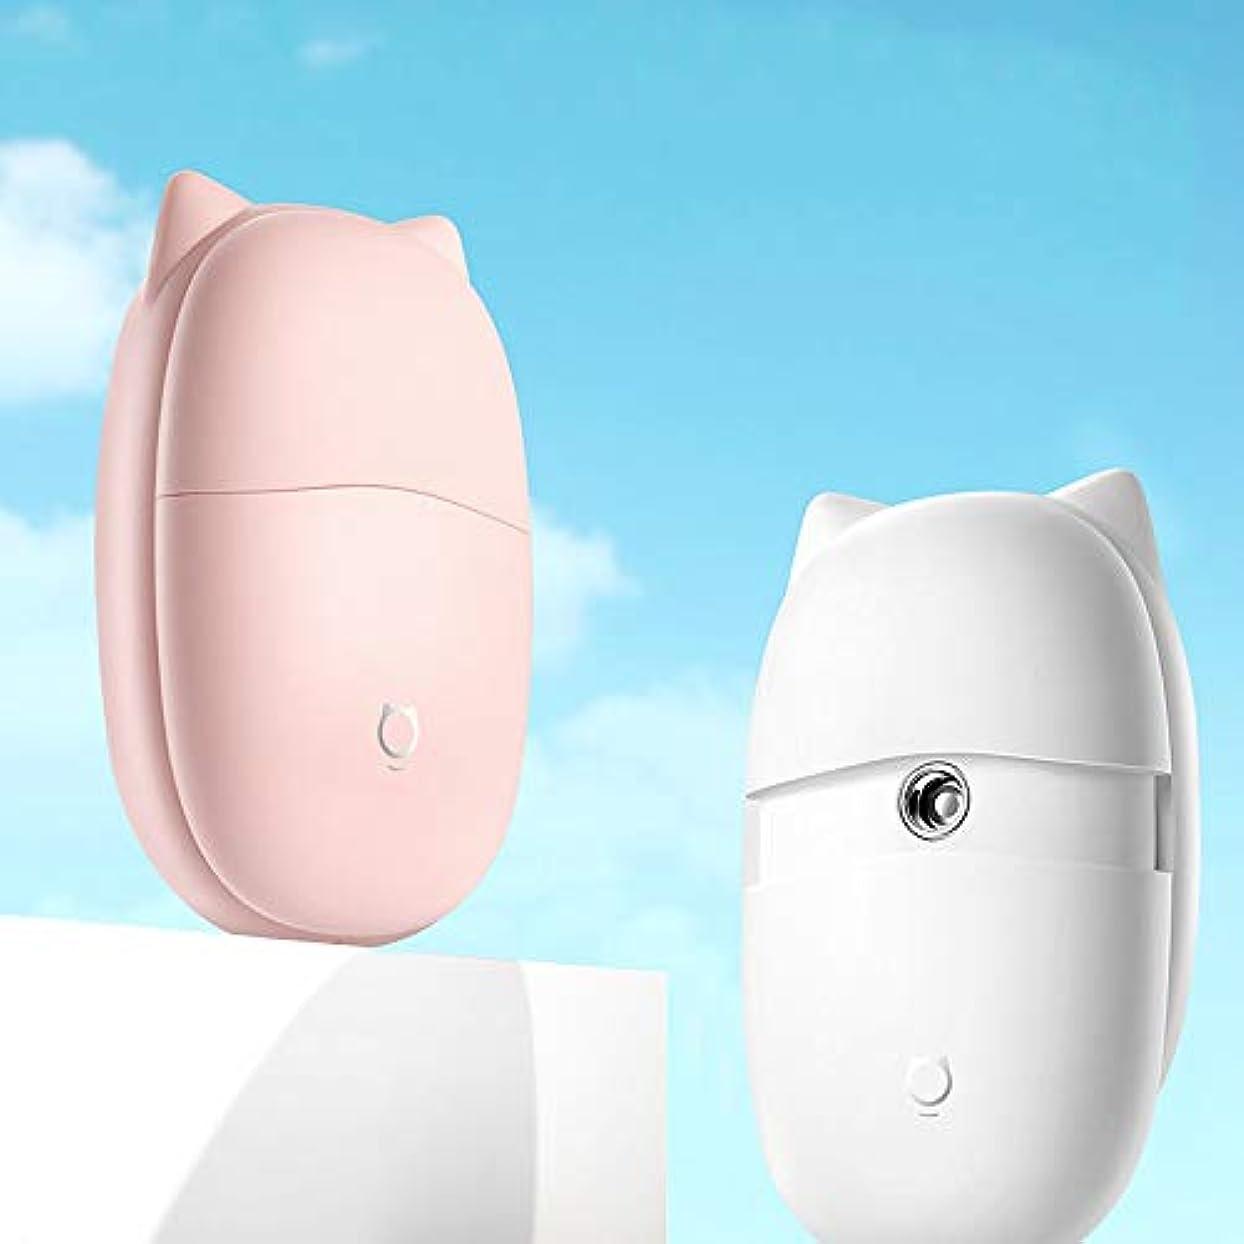 腹痛下位連邦ZXF 新しいミニハンドヘルドポータブルナノスプレースチームフェイスフェイシャル美容加湿器スプレーウサギ猫水道メーター美容機器ホワイトピンク 滑らかである (色 : Pink)